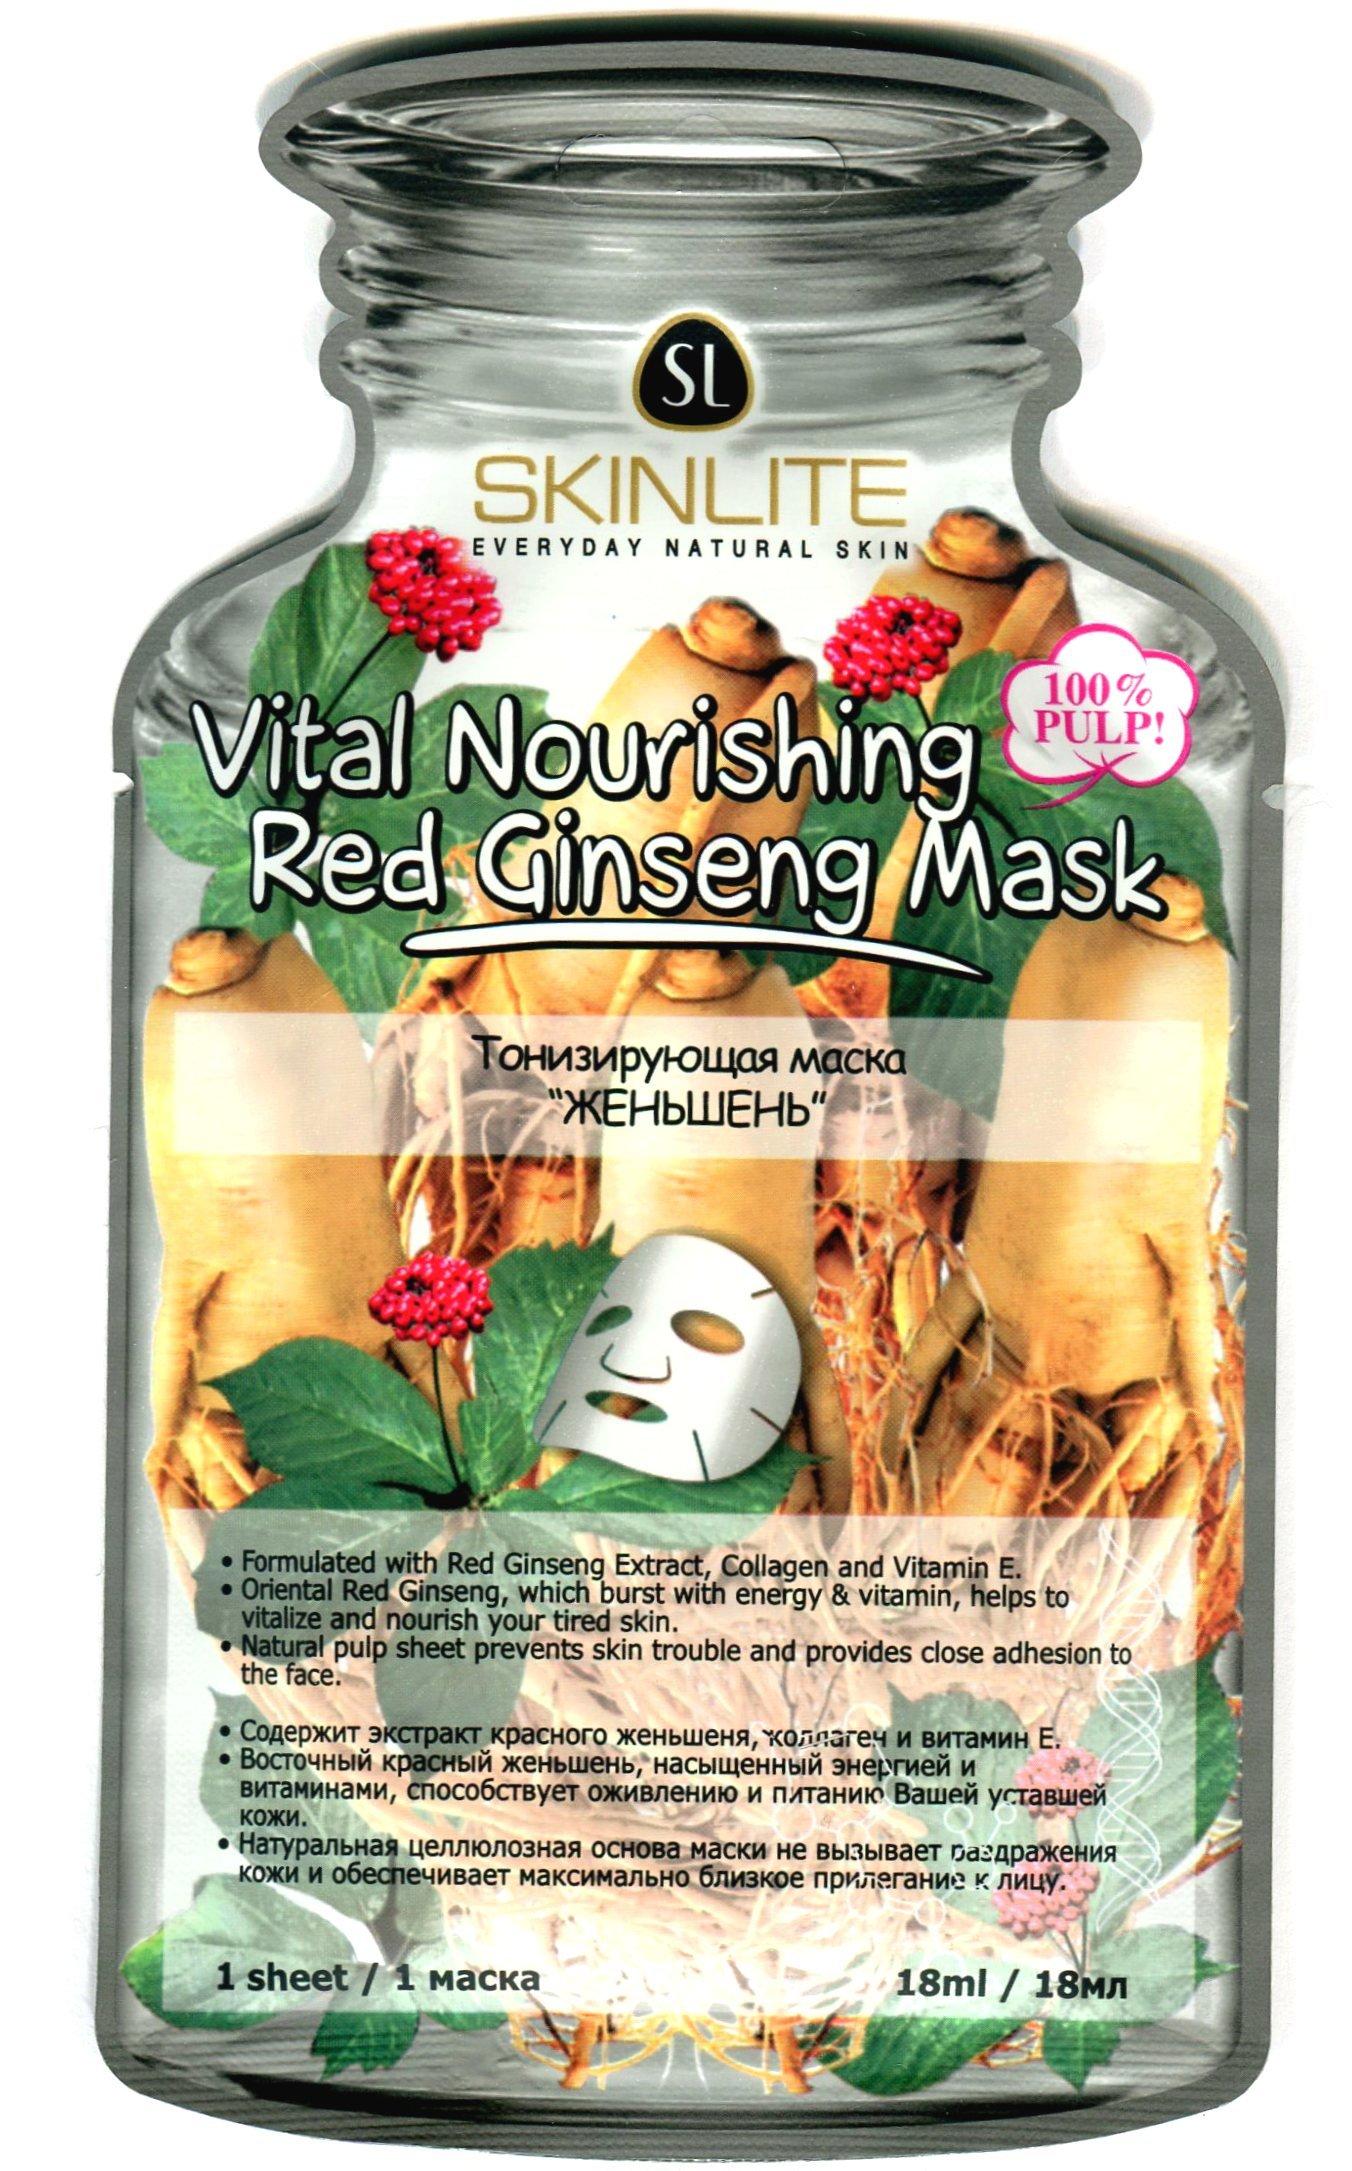 Женьшень SkinliteSKINLITE<br>Тонизирующая маскаЖеньшень, наполненная коллагеном и витамином Е, насыщает и оживляет вялую кожу.<br>        <br> Тонизирующая маска Женьшень с особенным, глубоко проникающим составом (коллаген + витамин Е) насыщает и оживляет вялую кожу.  Красный женьшень (экстракт) имеет омолаживающее действие, стабилизирует водно-солевой баланс и отлично увлажняет кожу. Большое содержание активных антиоксидантов (витамины С+Е) наделяет женьшень способностью останавливать раннее старение кожи и обогащать её активным комплексом микро- и макроэлементов. Маску плотно прикладывают к очищенному сухому лицу на 15-20 мин. Осторожно снимают, начиная  с краёв. Остатки смывают водой. Полный состав маски и правила применения указаны на упаковке.  <br>    <br><br>Линейка: Женьшень Skinlite<br>Объем мл: 18<br>Пол: Женский